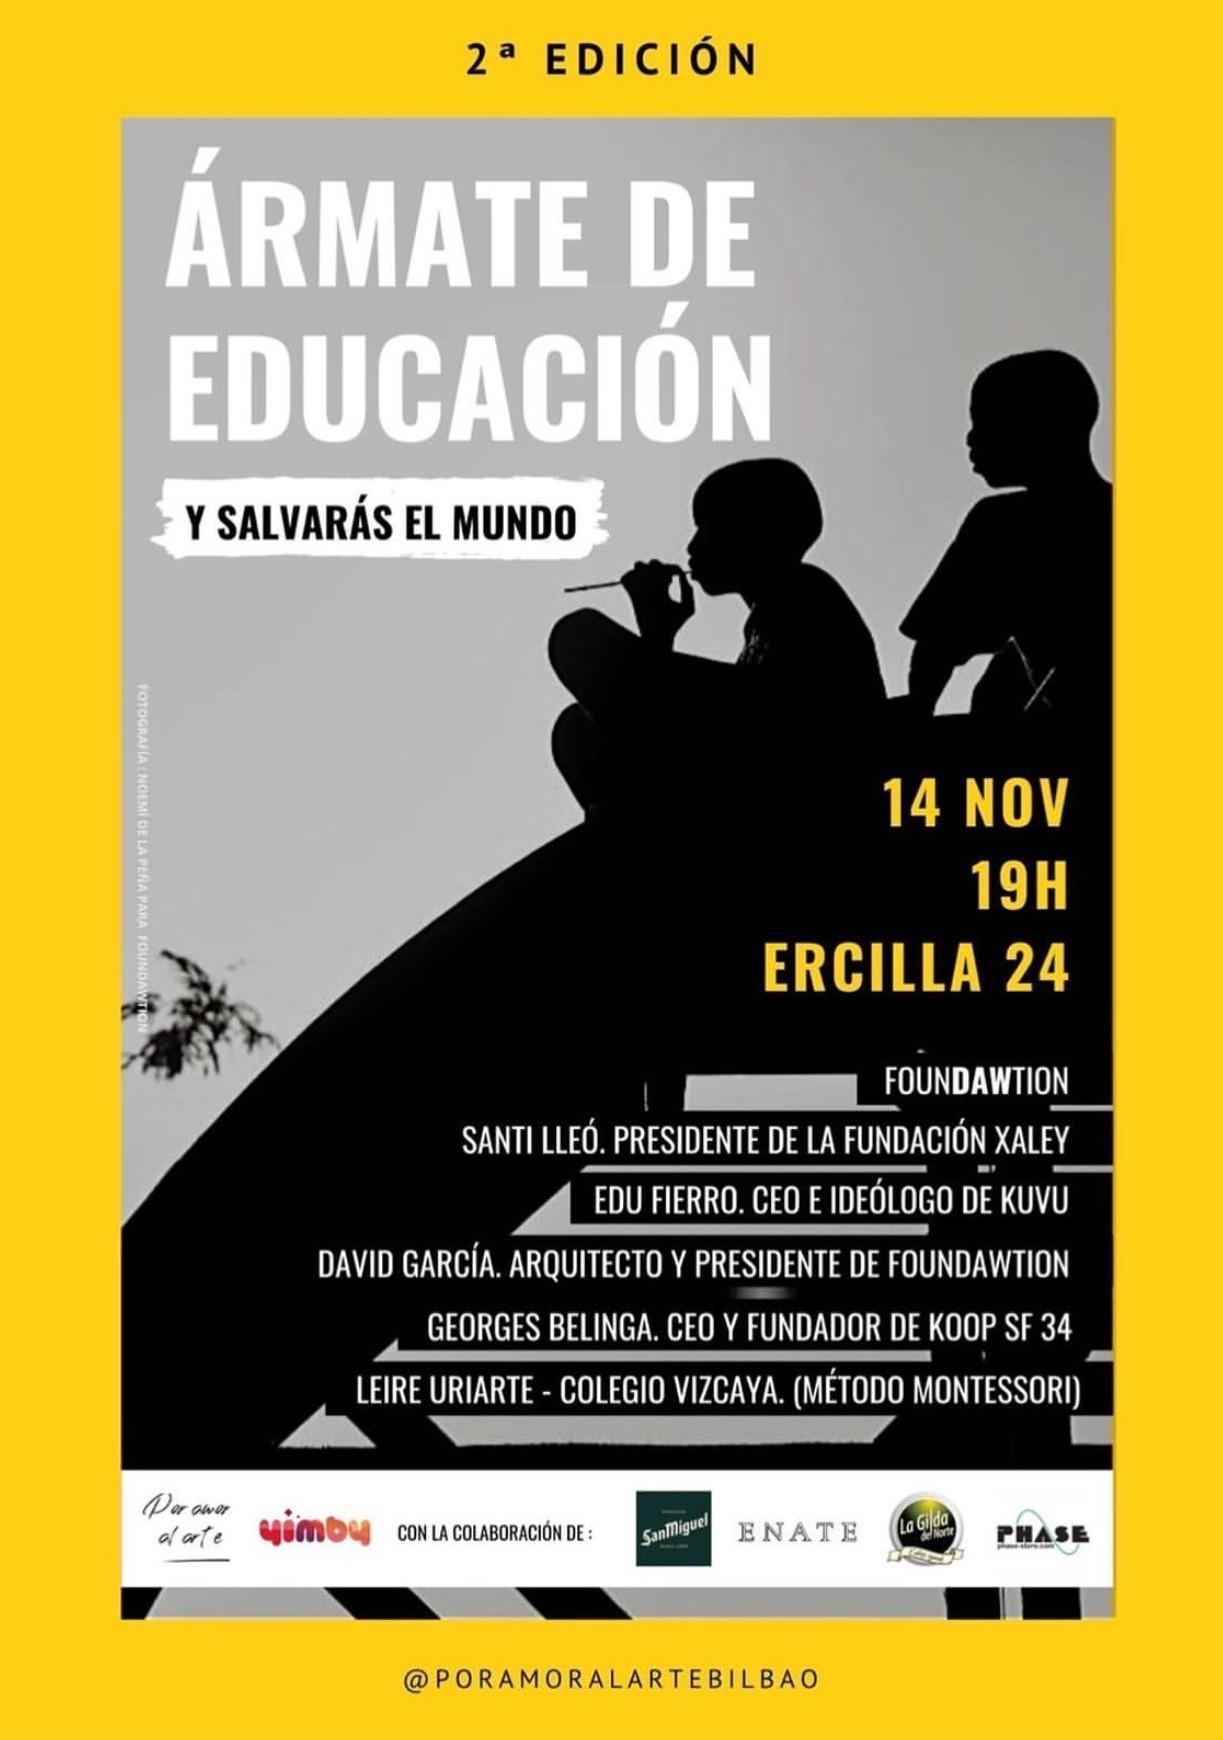 ÁRMATE DE EDUCACIÓN Y SALVARÁS EL MUNDO